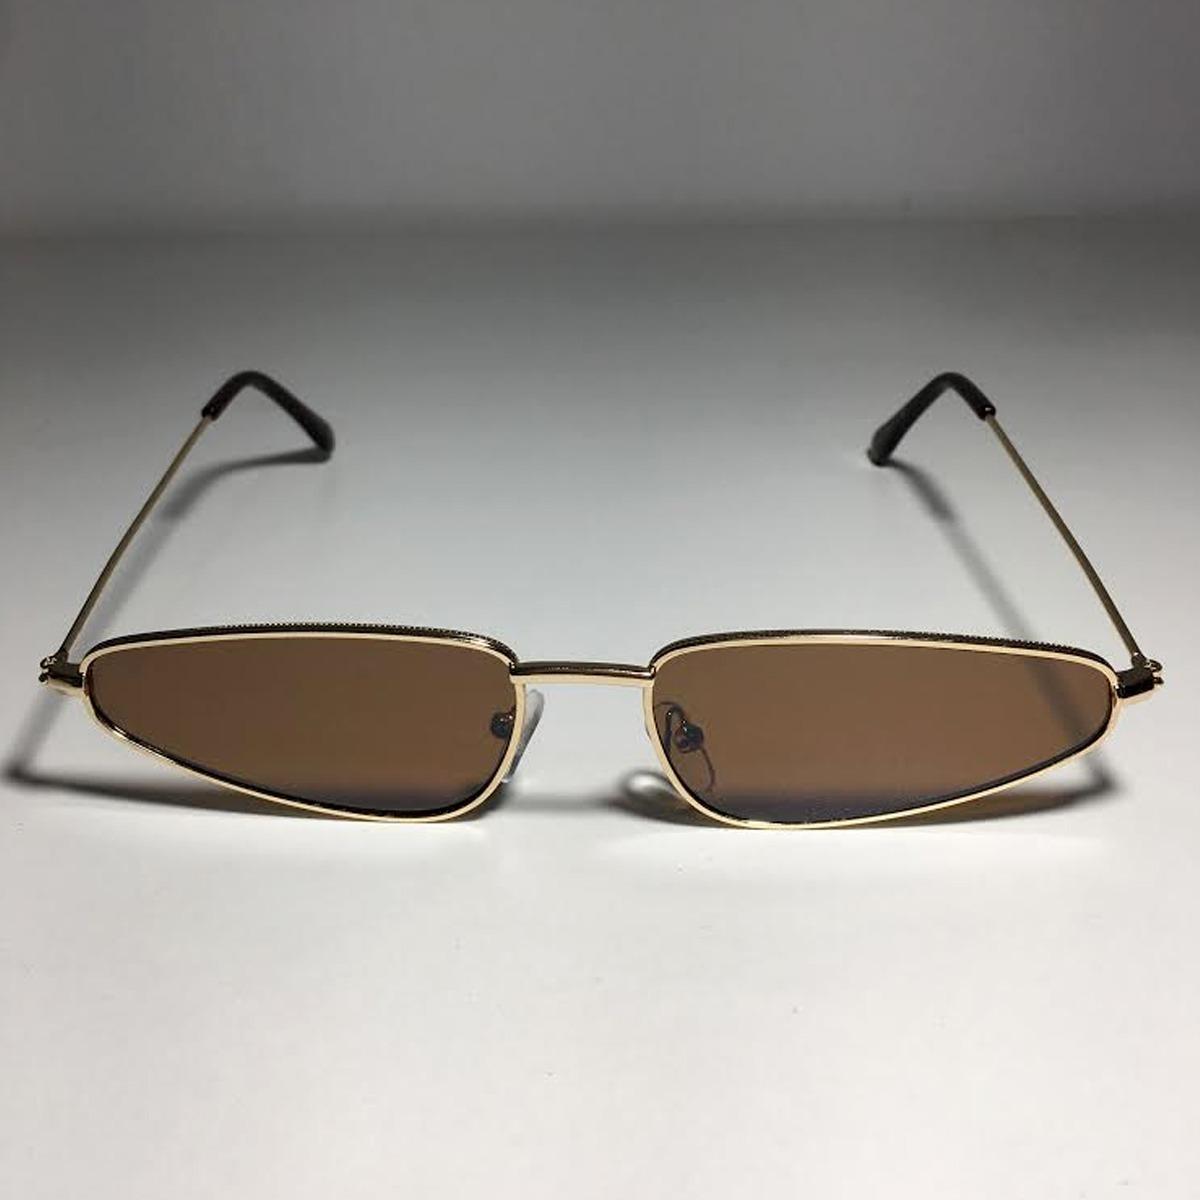 5bafc053b3a78 Óculos Oval De Sol Retro Vintage Estiloso Anos 90 - R  69,99 em ...